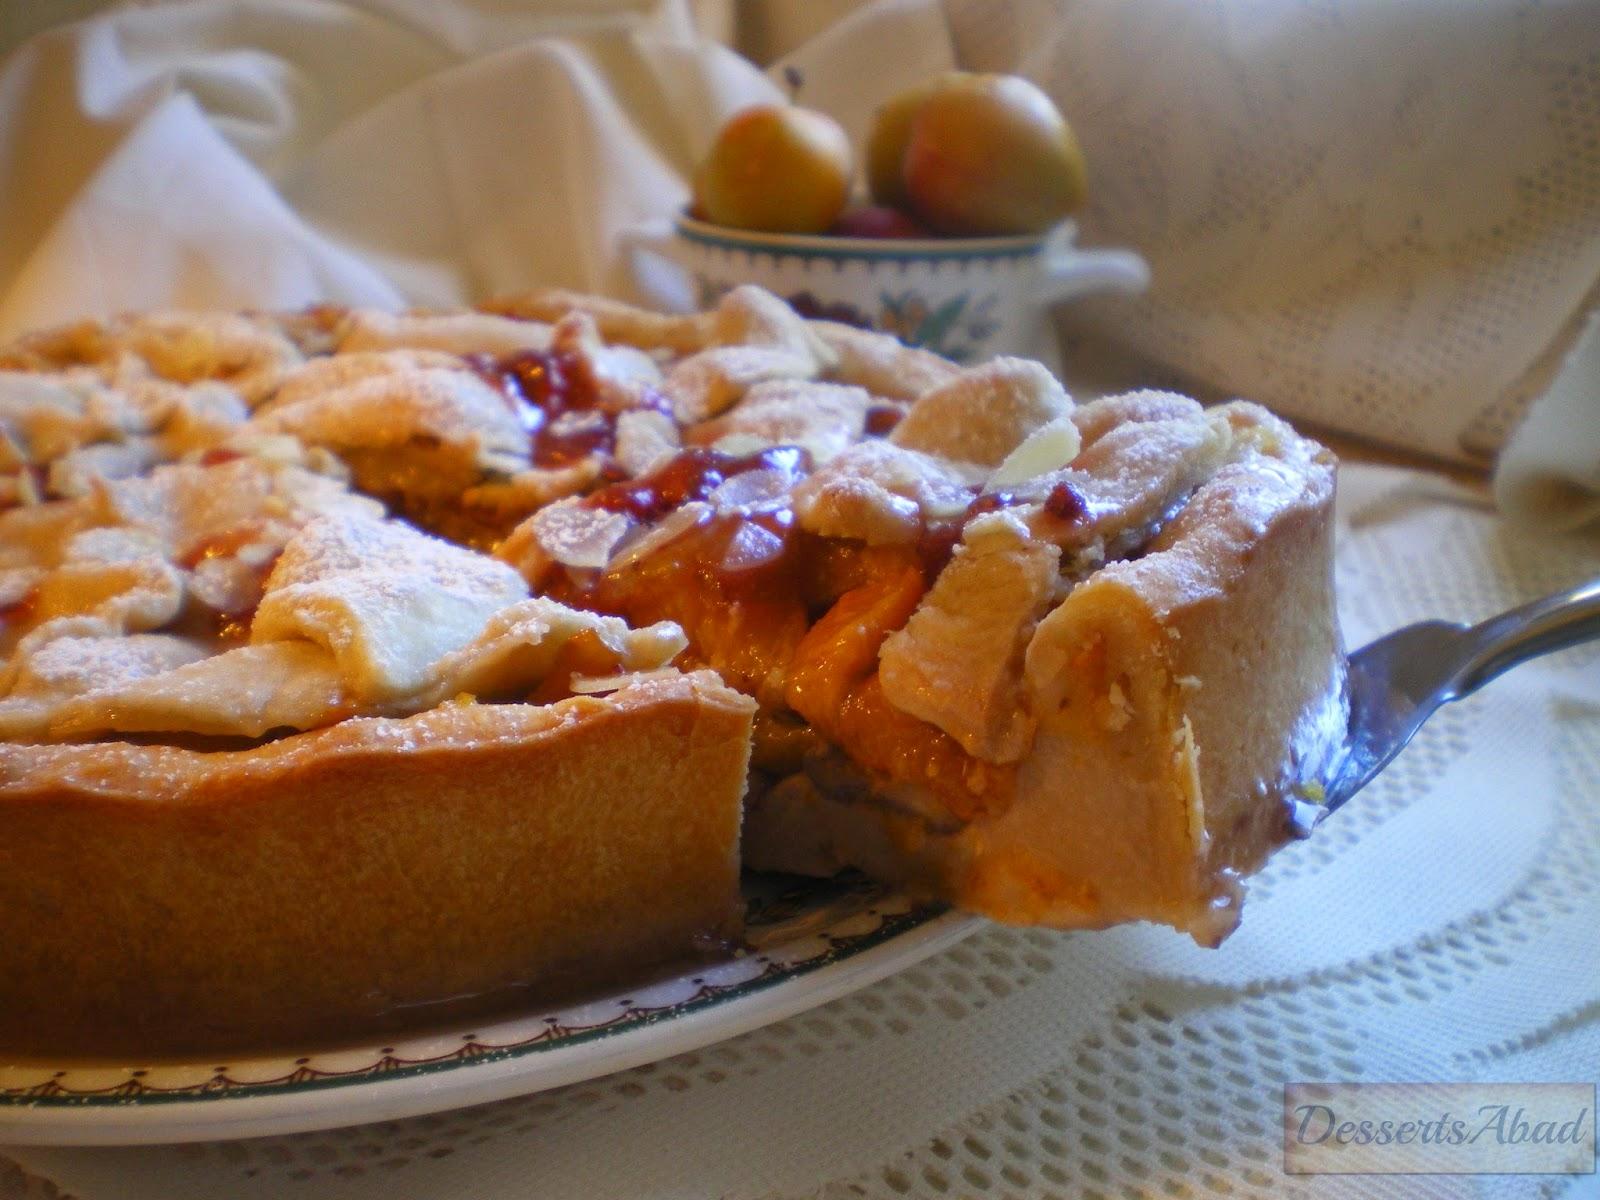 Torta de ciruelas a la inglesa {Plum Pie}